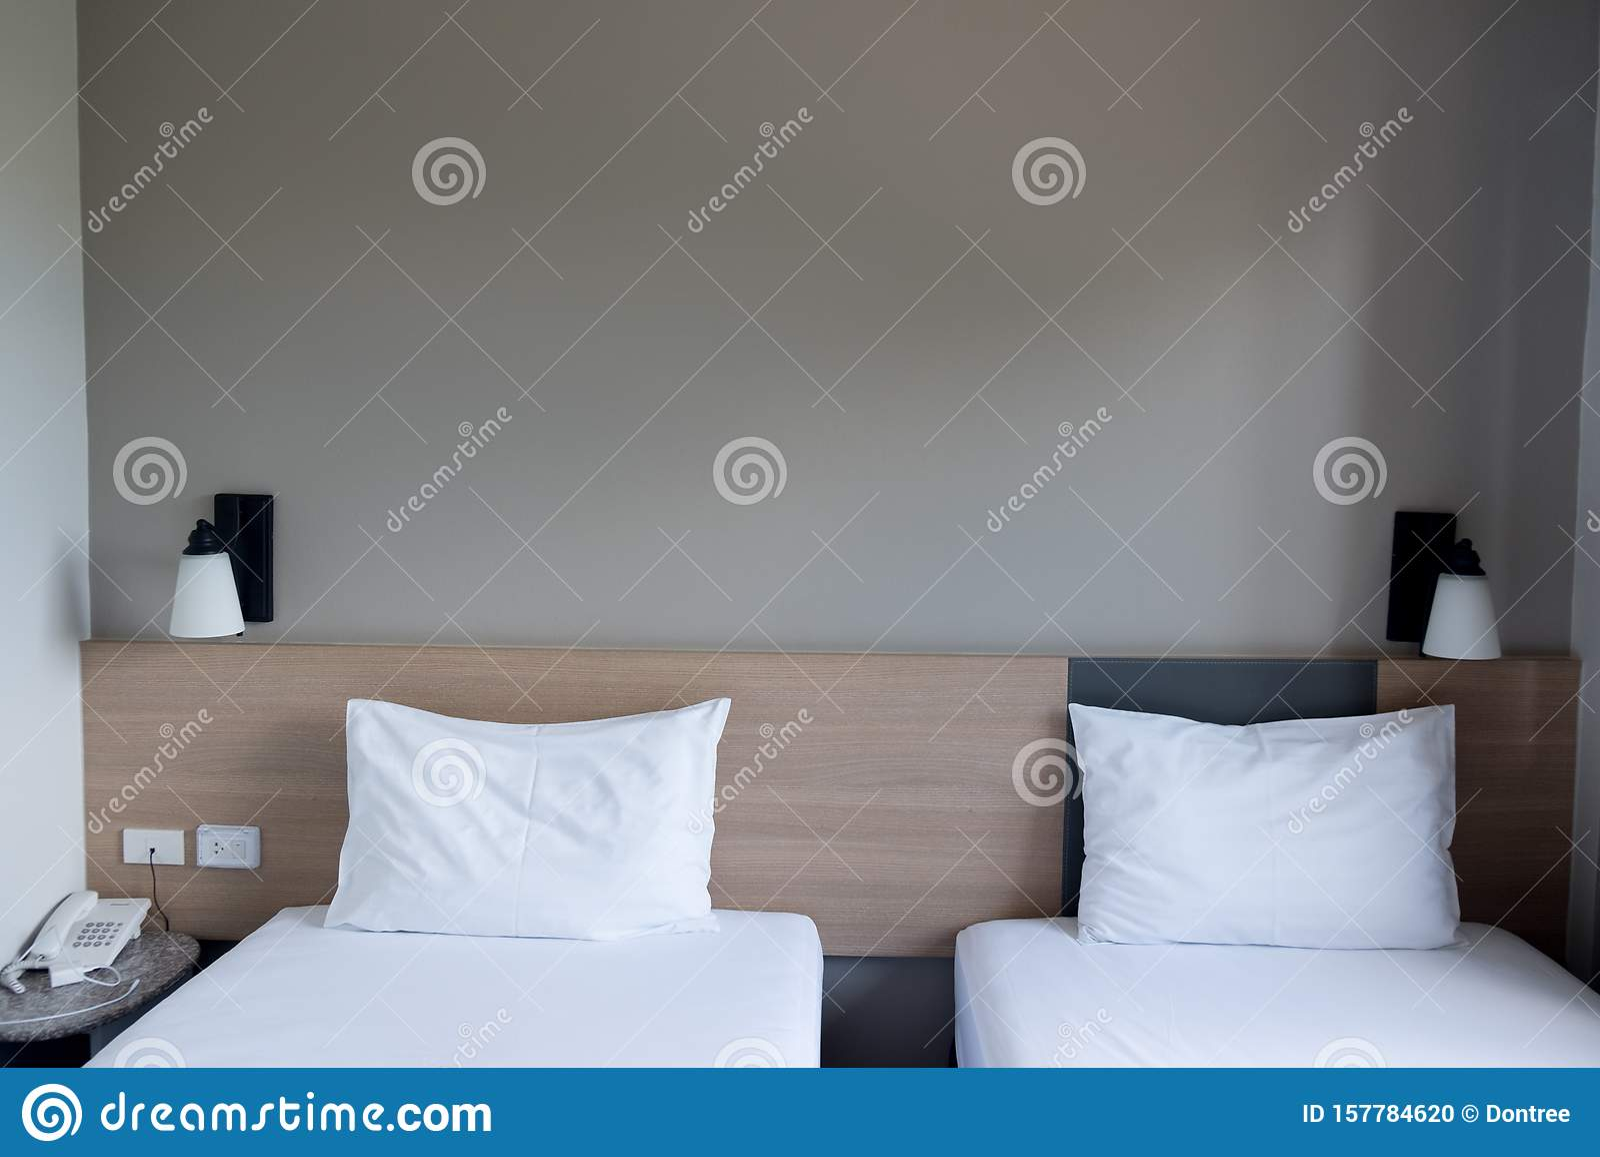 Habitaciã N En Un Hotel Con Dos Camas Individuales Foto De Archivo Imagen De Habitación Camas 157784620